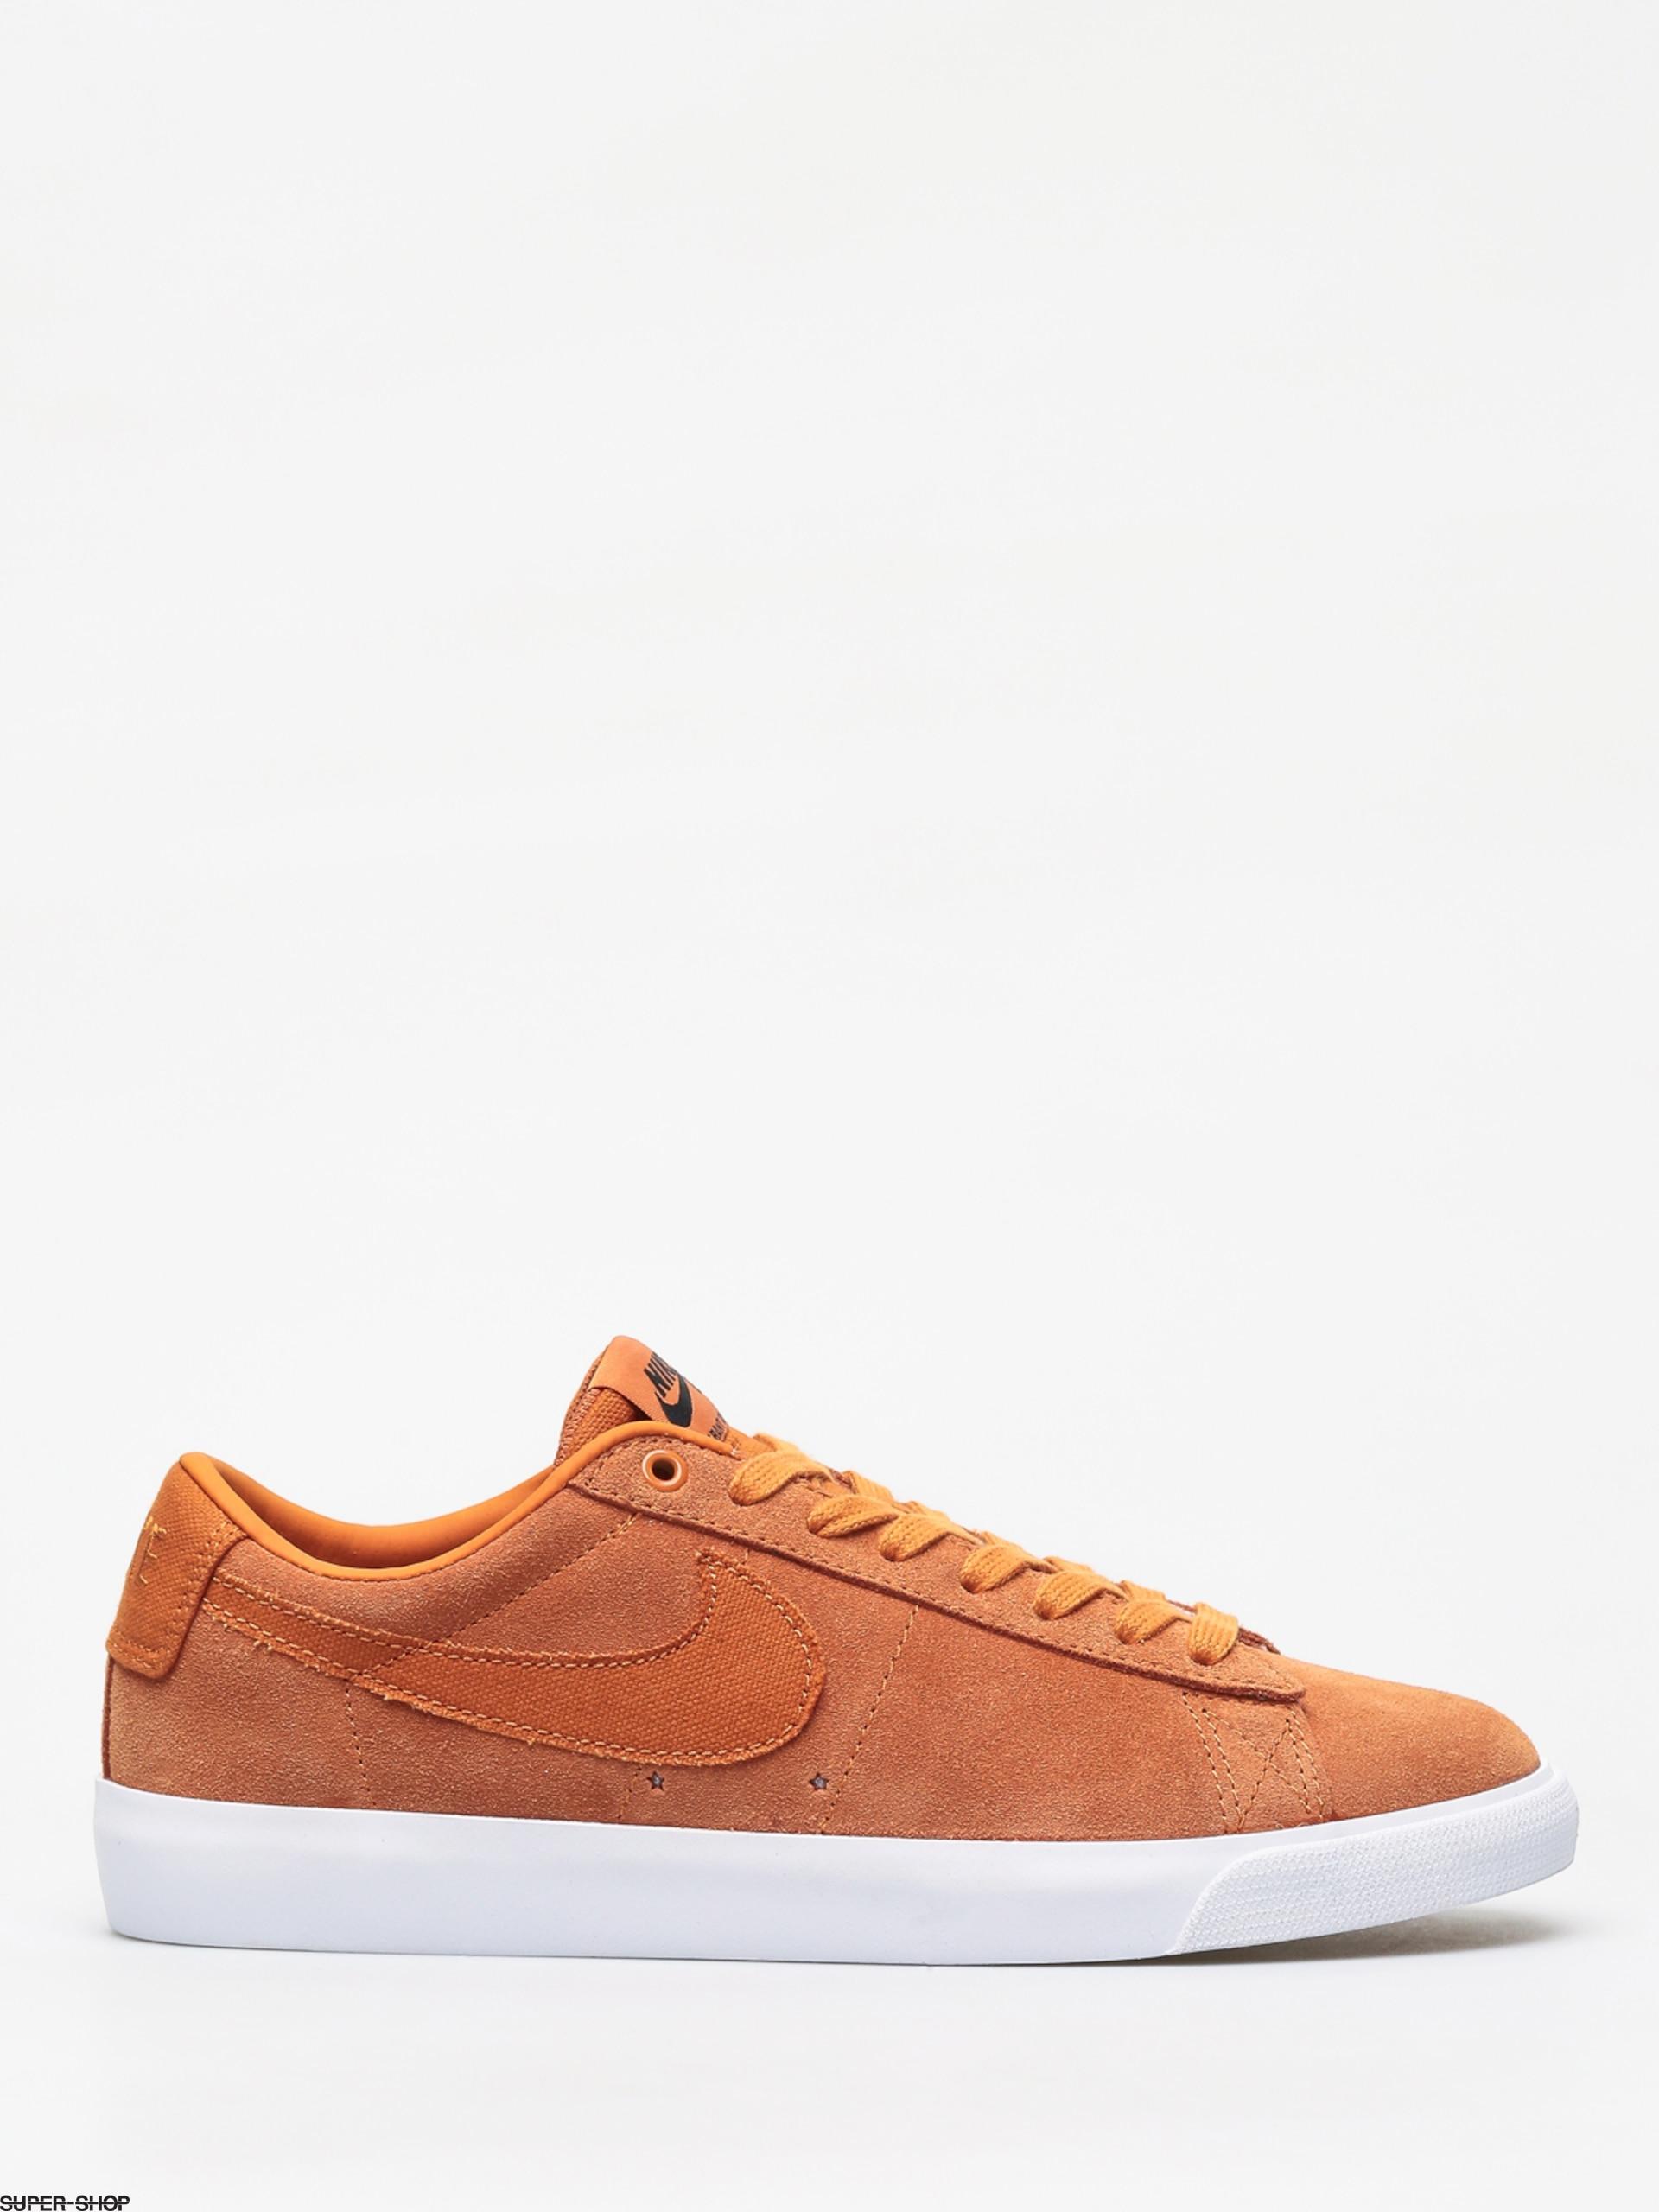 check out f4090 c869d Nike SB Blazer Low Gt Shoes (cinder orange/cinder orange obsidian)